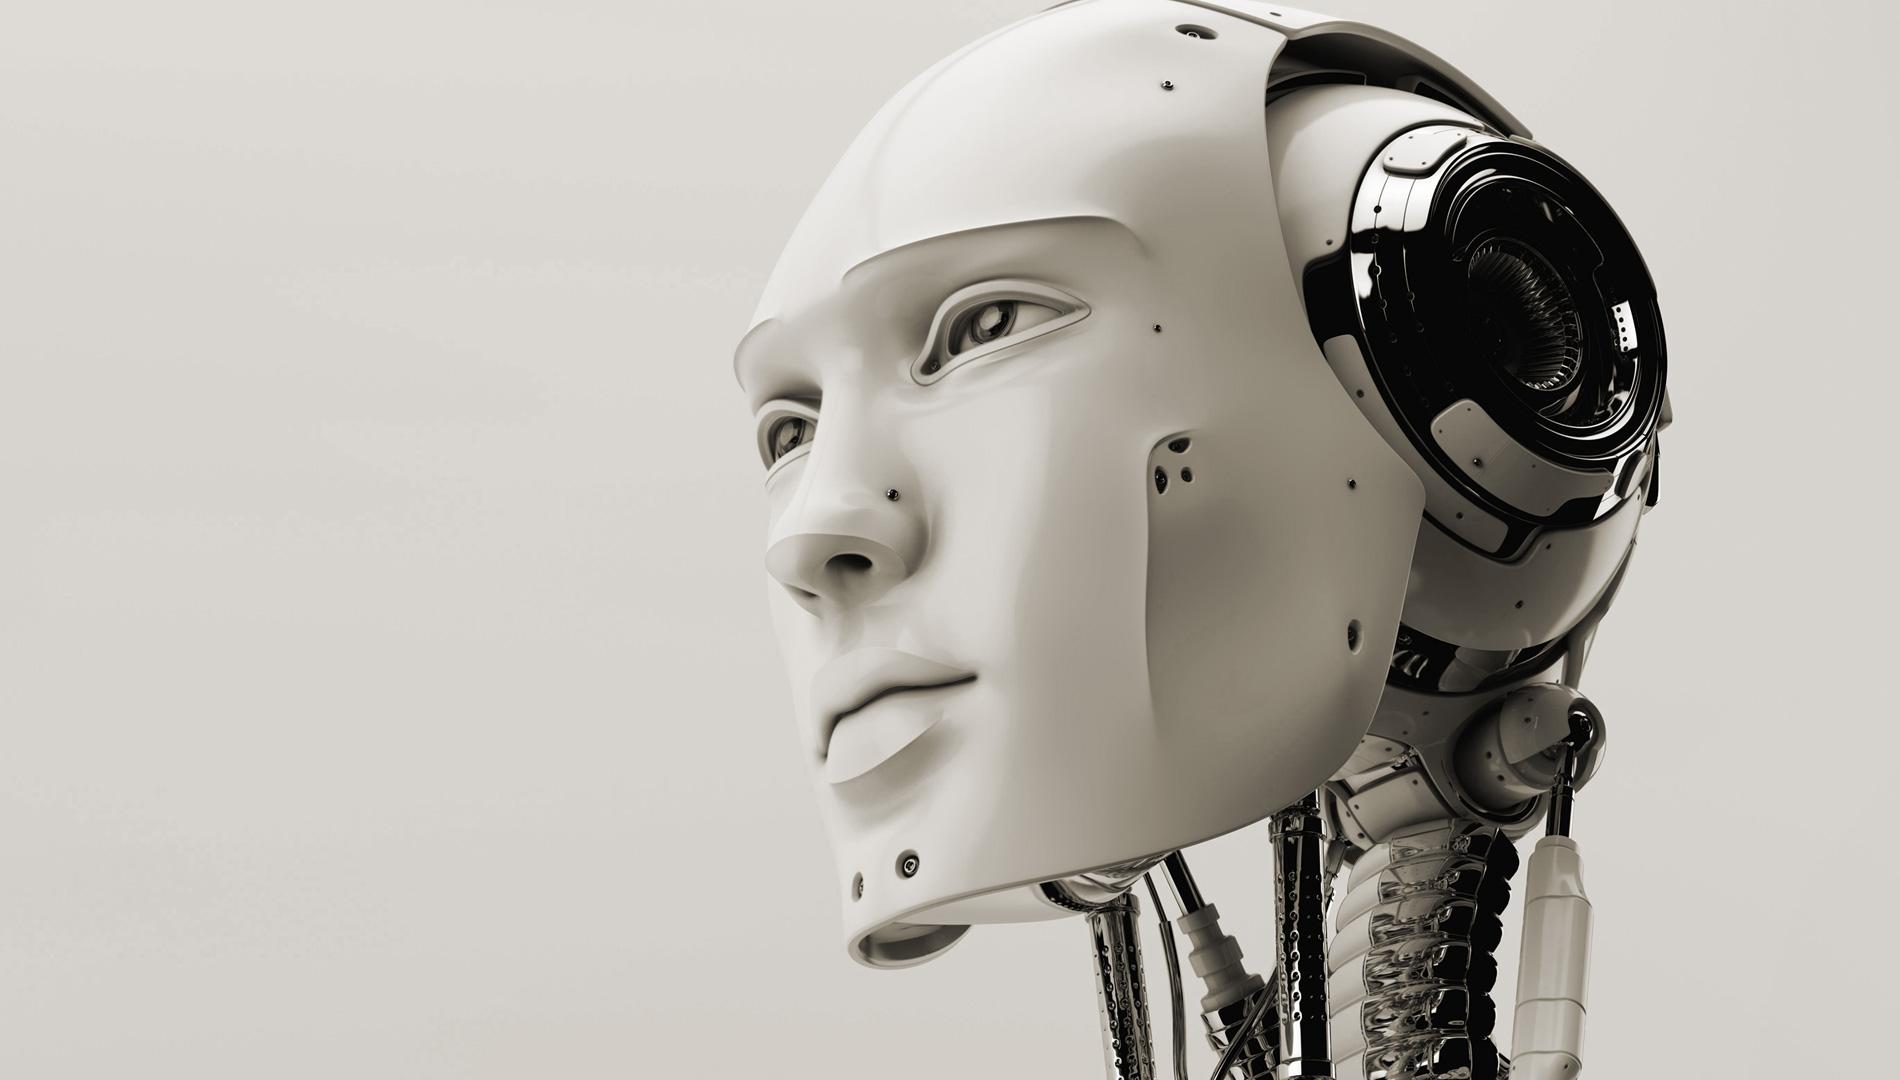 faire des robots des personnes lectroniques reconnues et assur es politique numerama. Black Bedroom Furniture Sets. Home Design Ideas